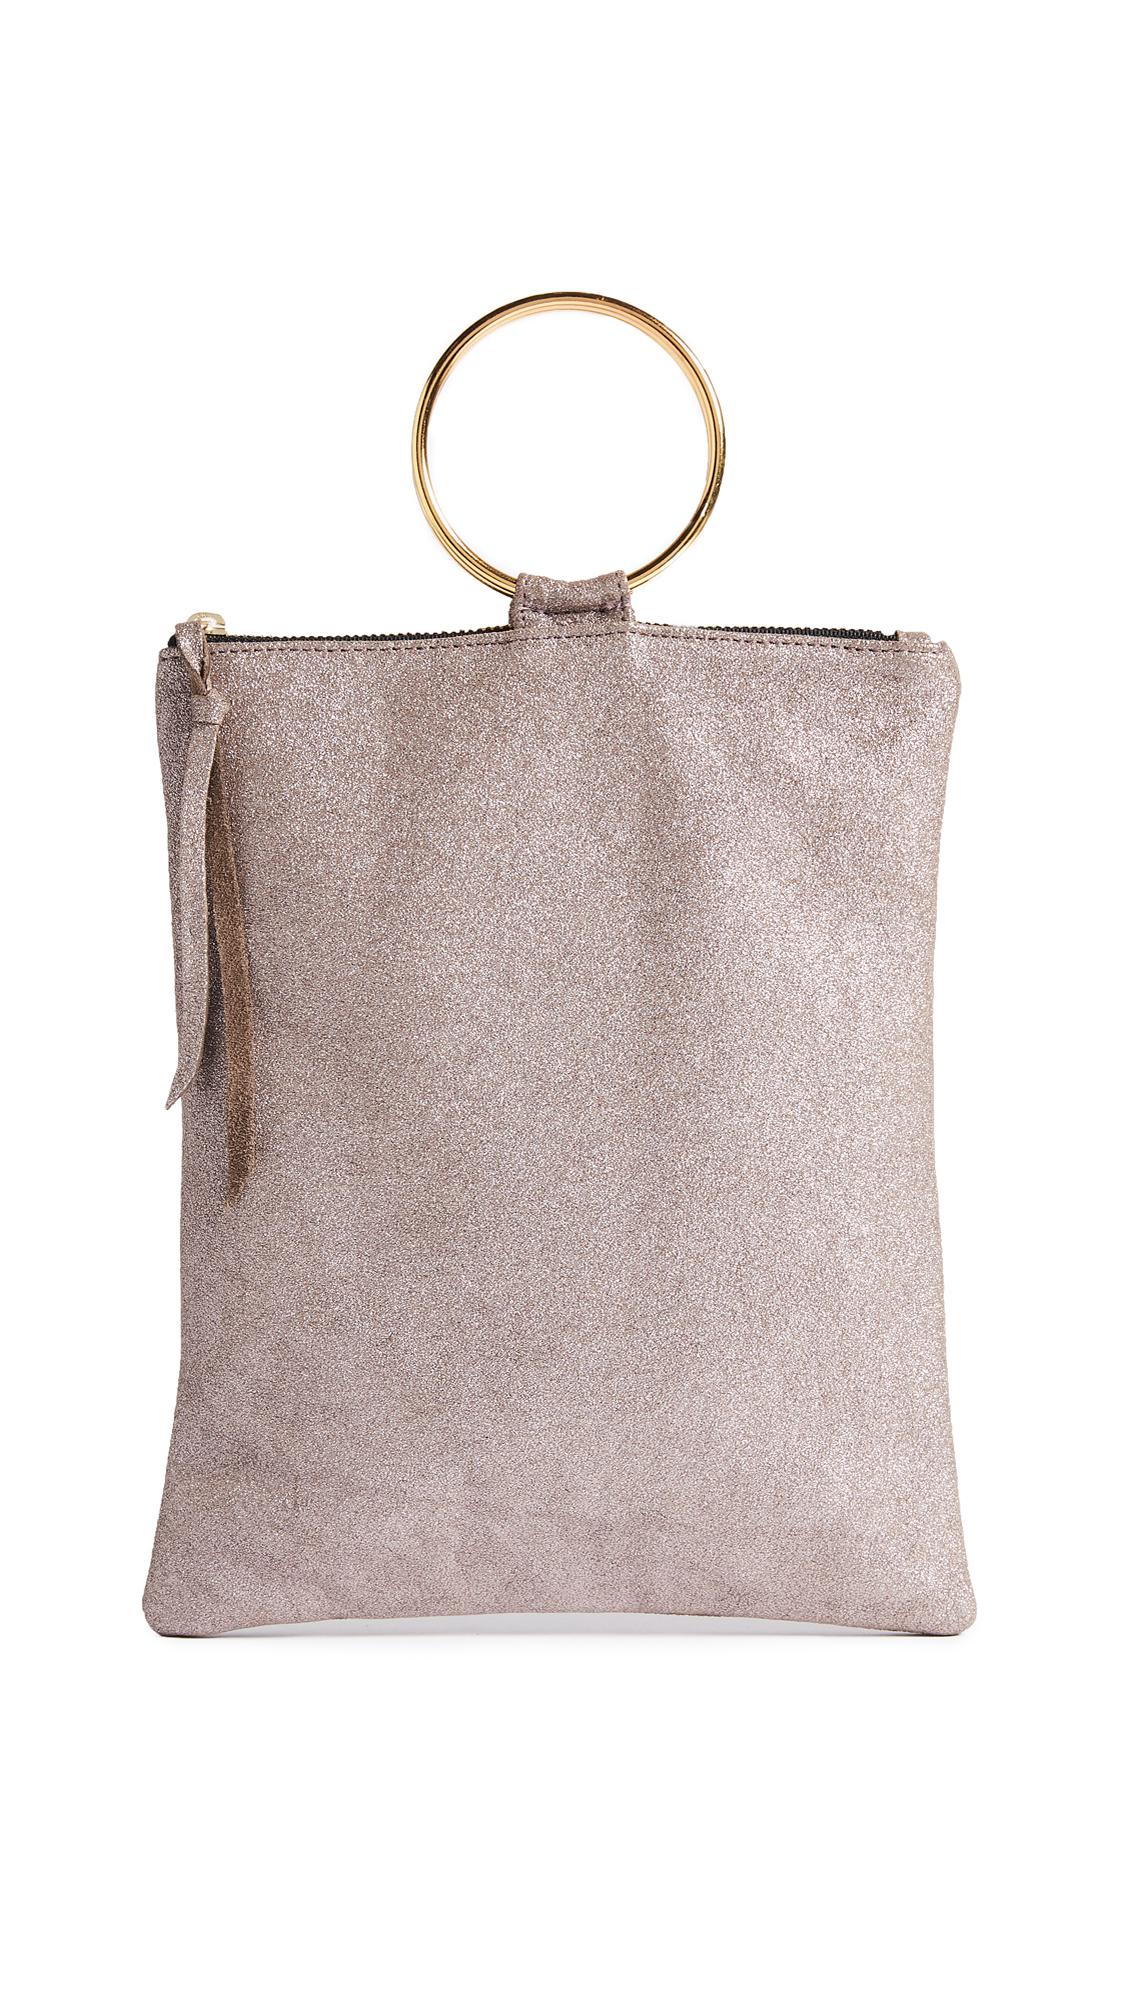 Oliveve Laine Ring Bag - Rose Shimmer